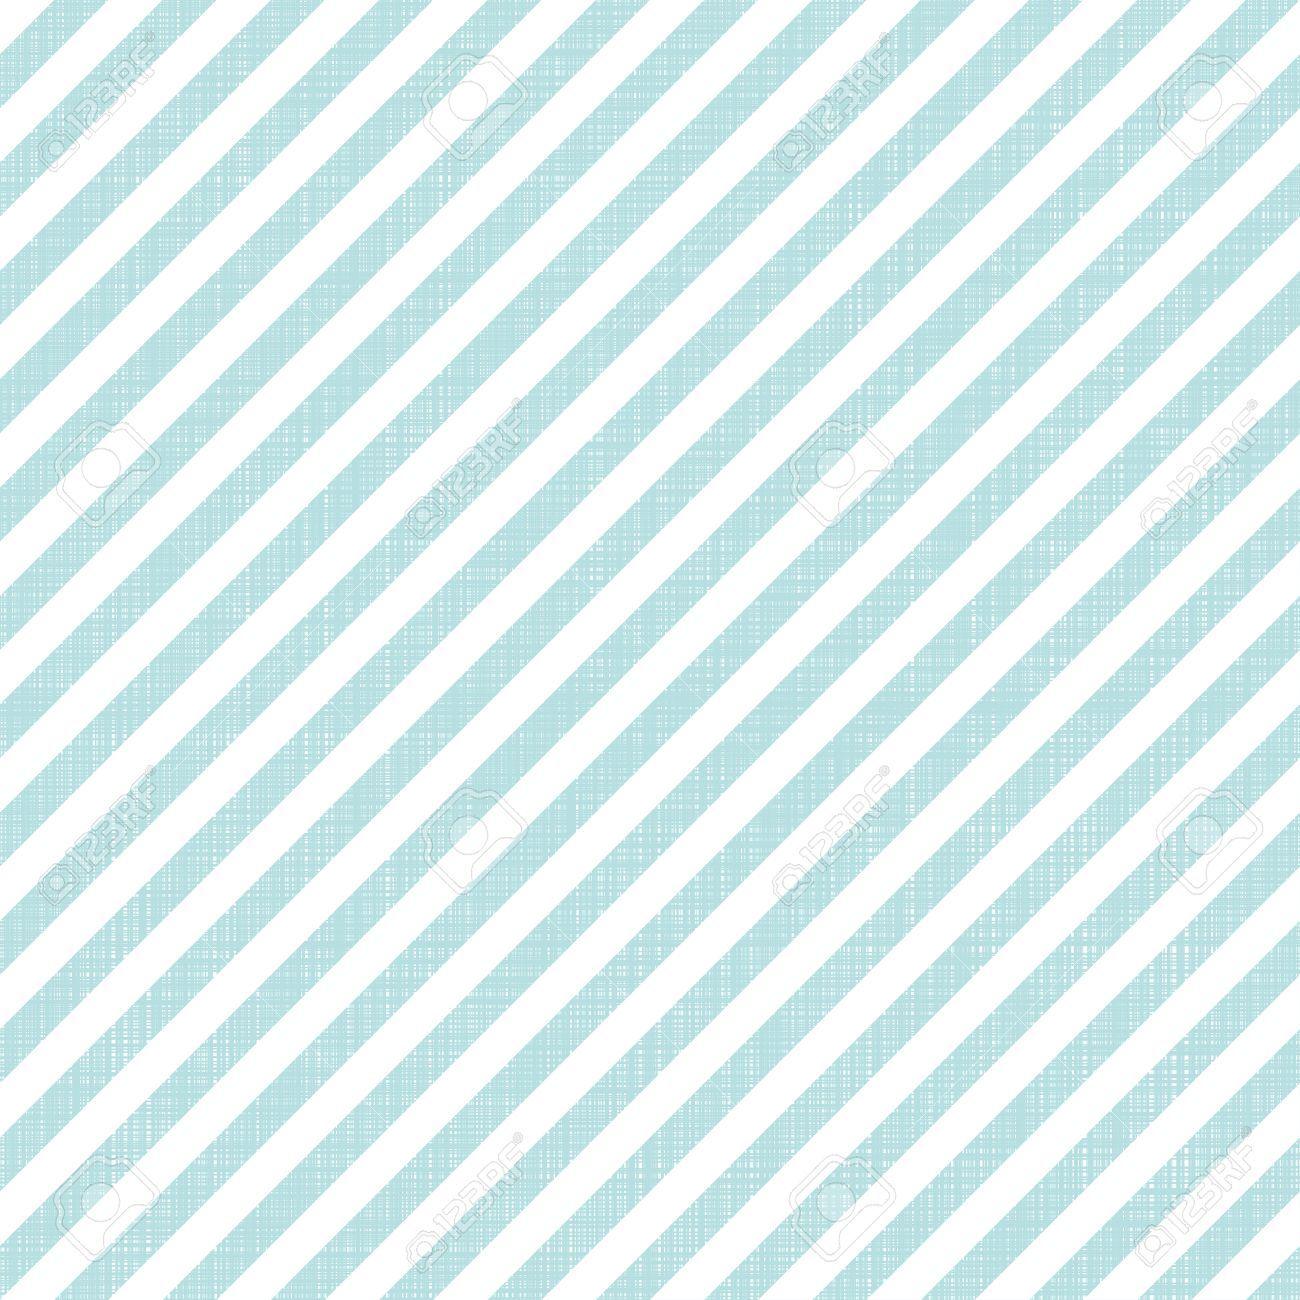 Image Result For Diagonal Stripes Map Symbols Diagonal Stripes Stripes